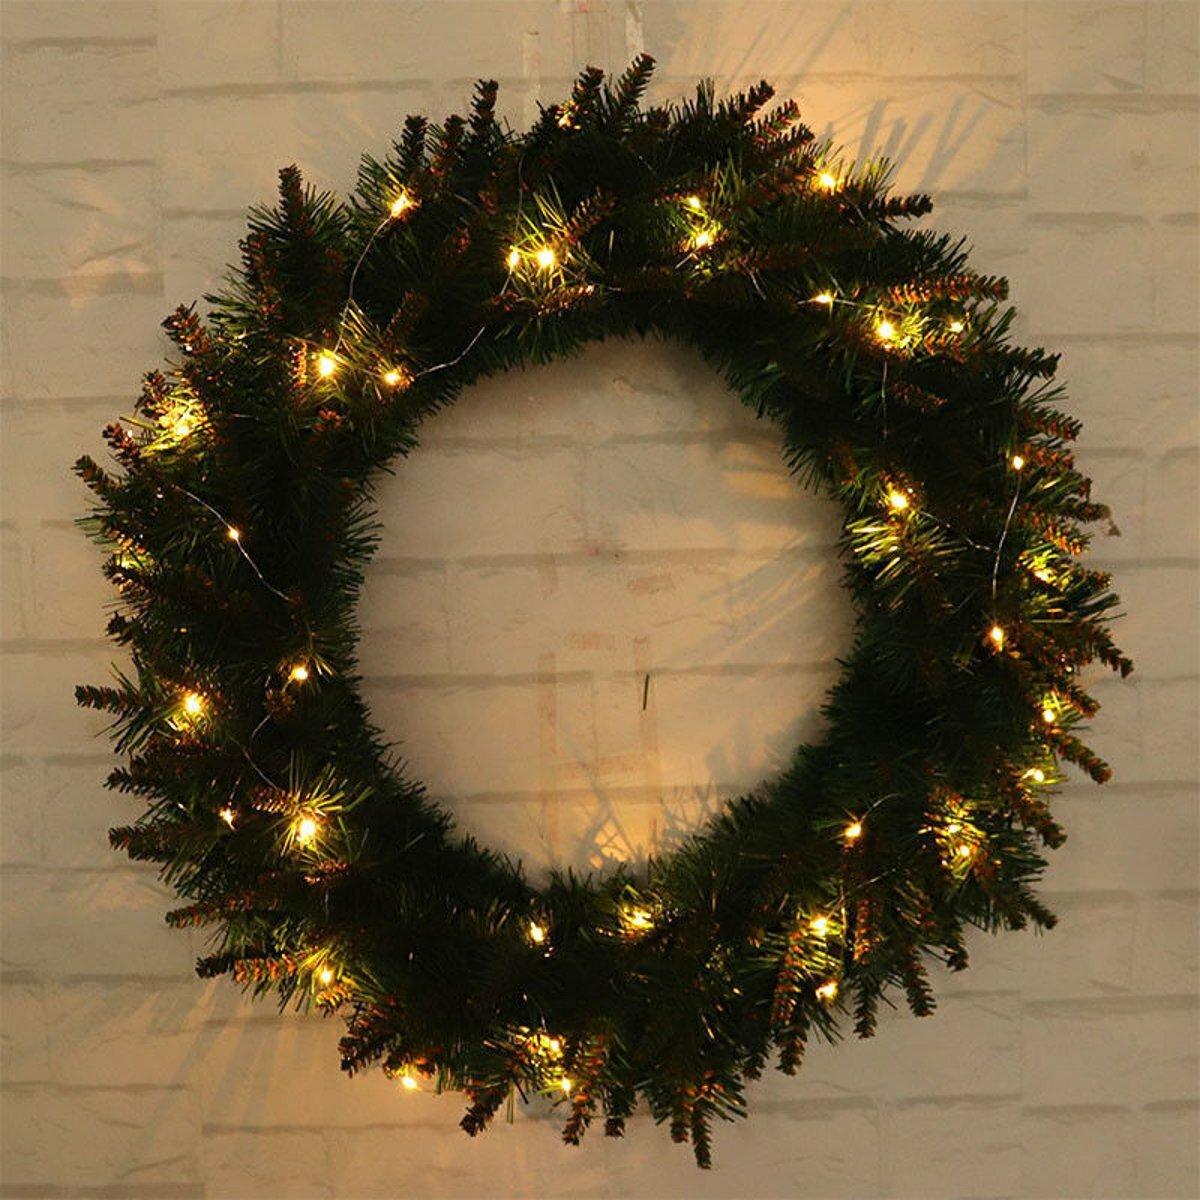 Đèn LED ánh sáng Giáng sinh Vòng hoa Cây treo tường Cửa treo Đảng Trang trí vòng hoa